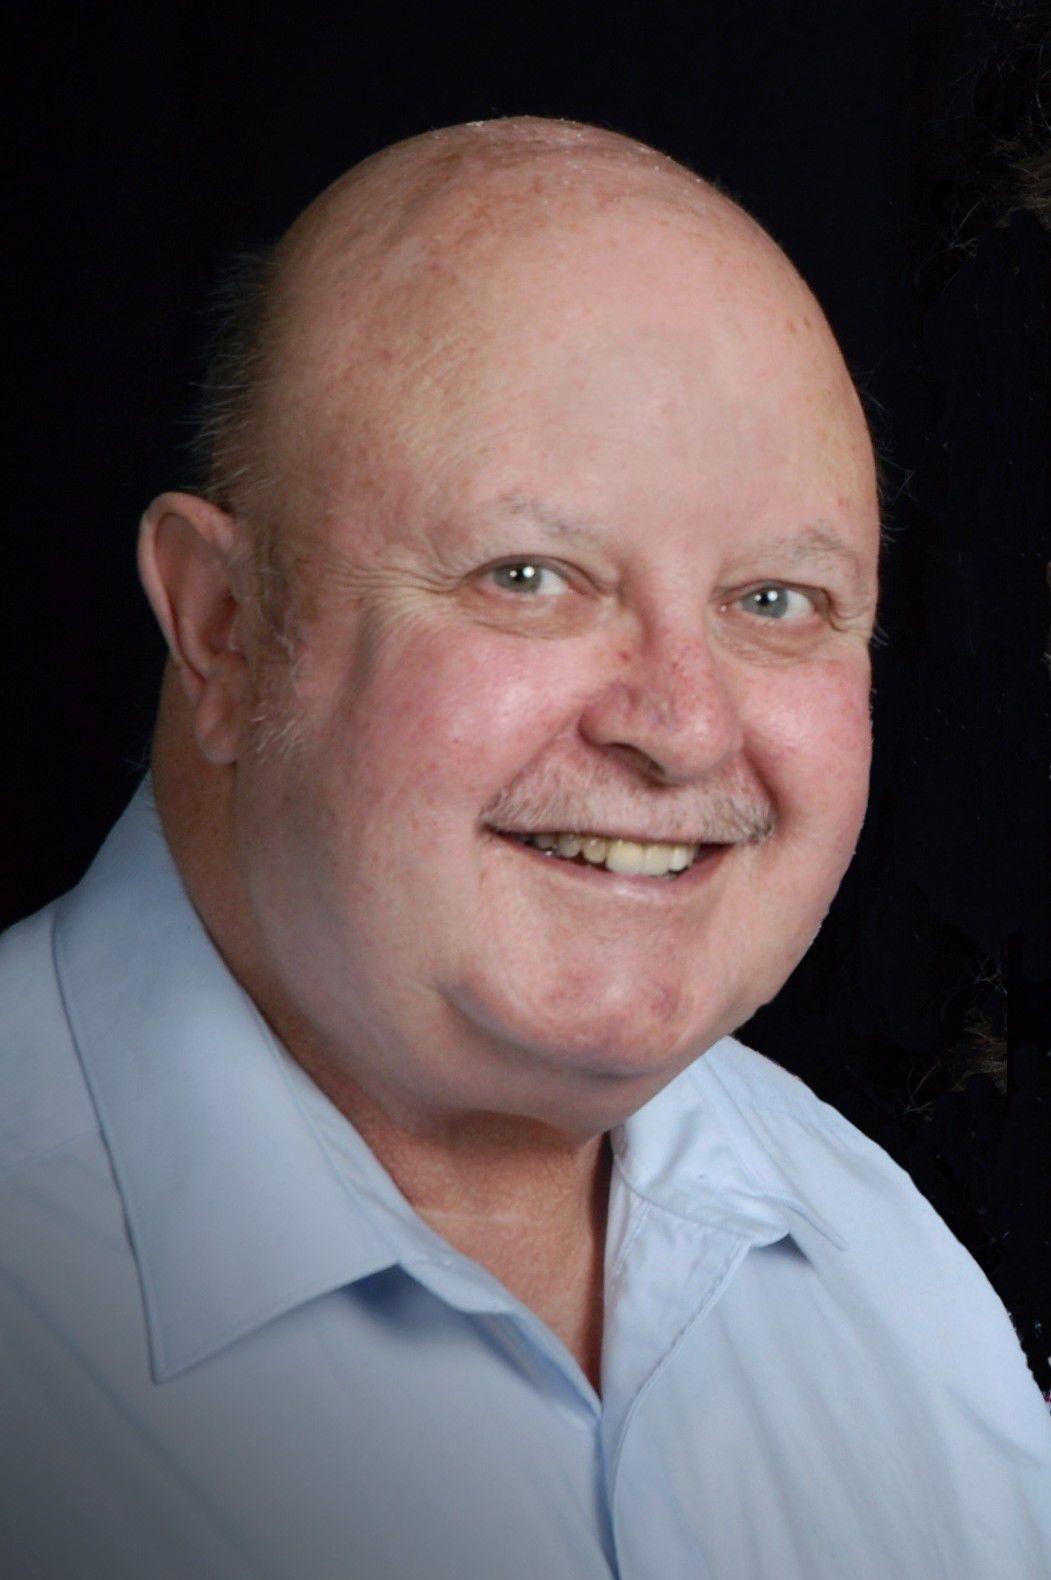 David R. Olson